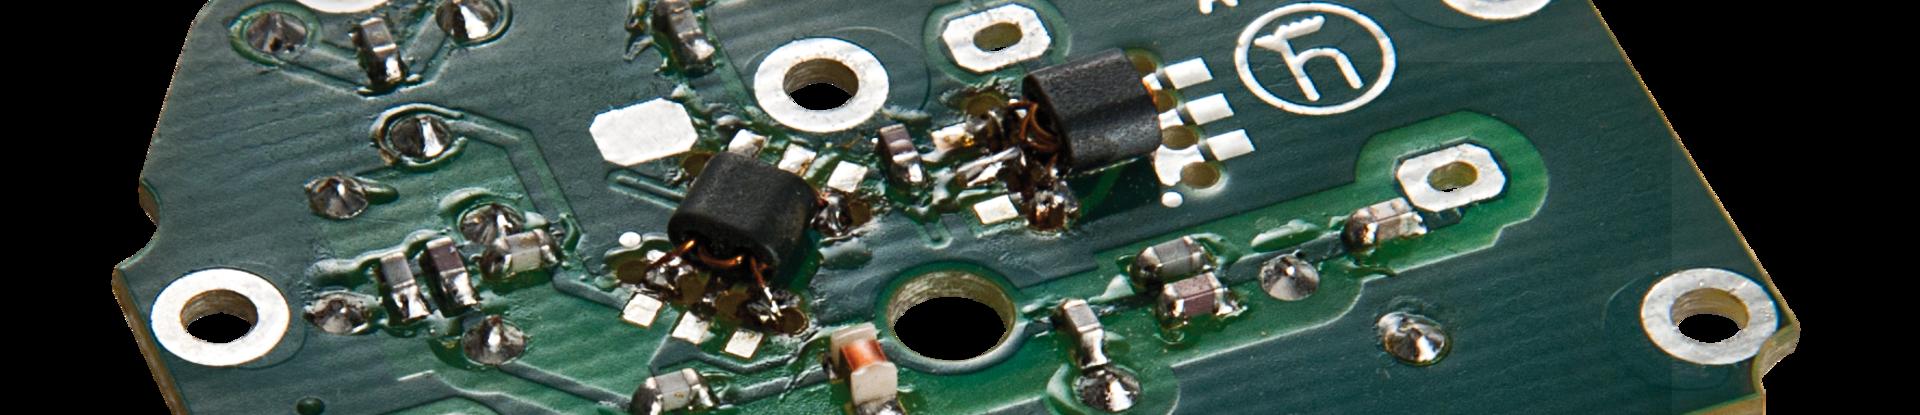 Bestückte Leiterplatte mit SMT- und THT-Bauteilen